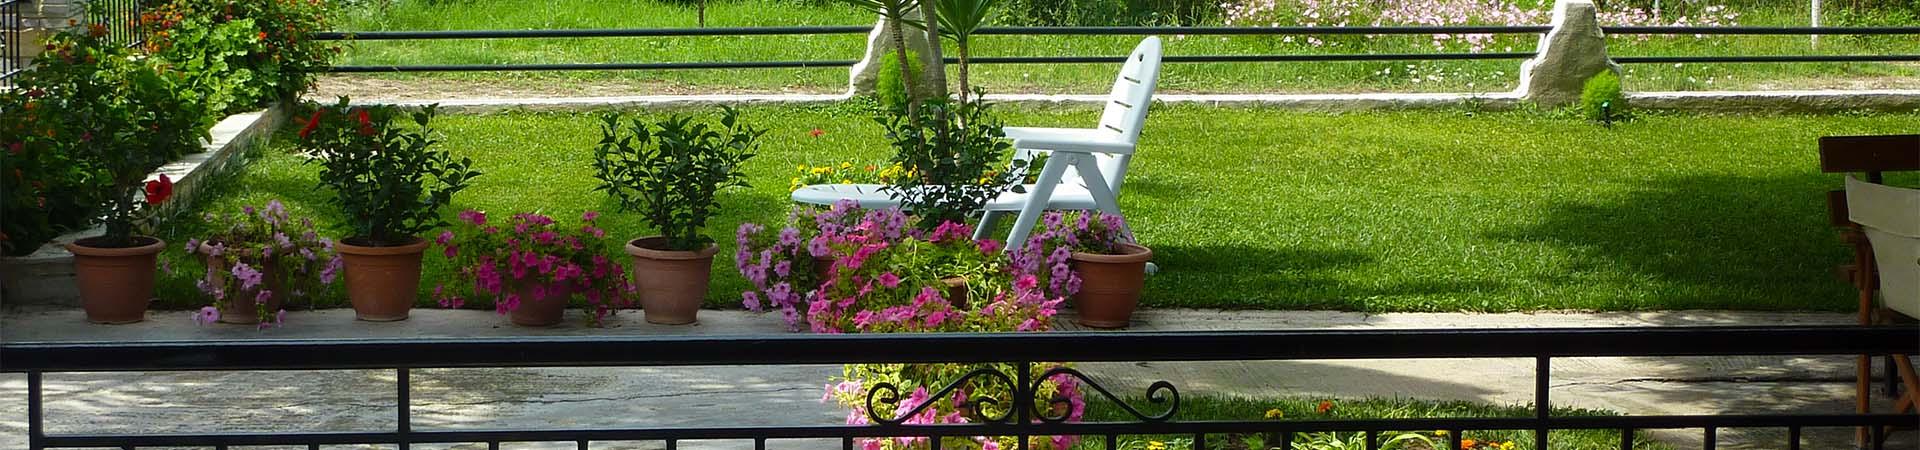 Hatzis House garden